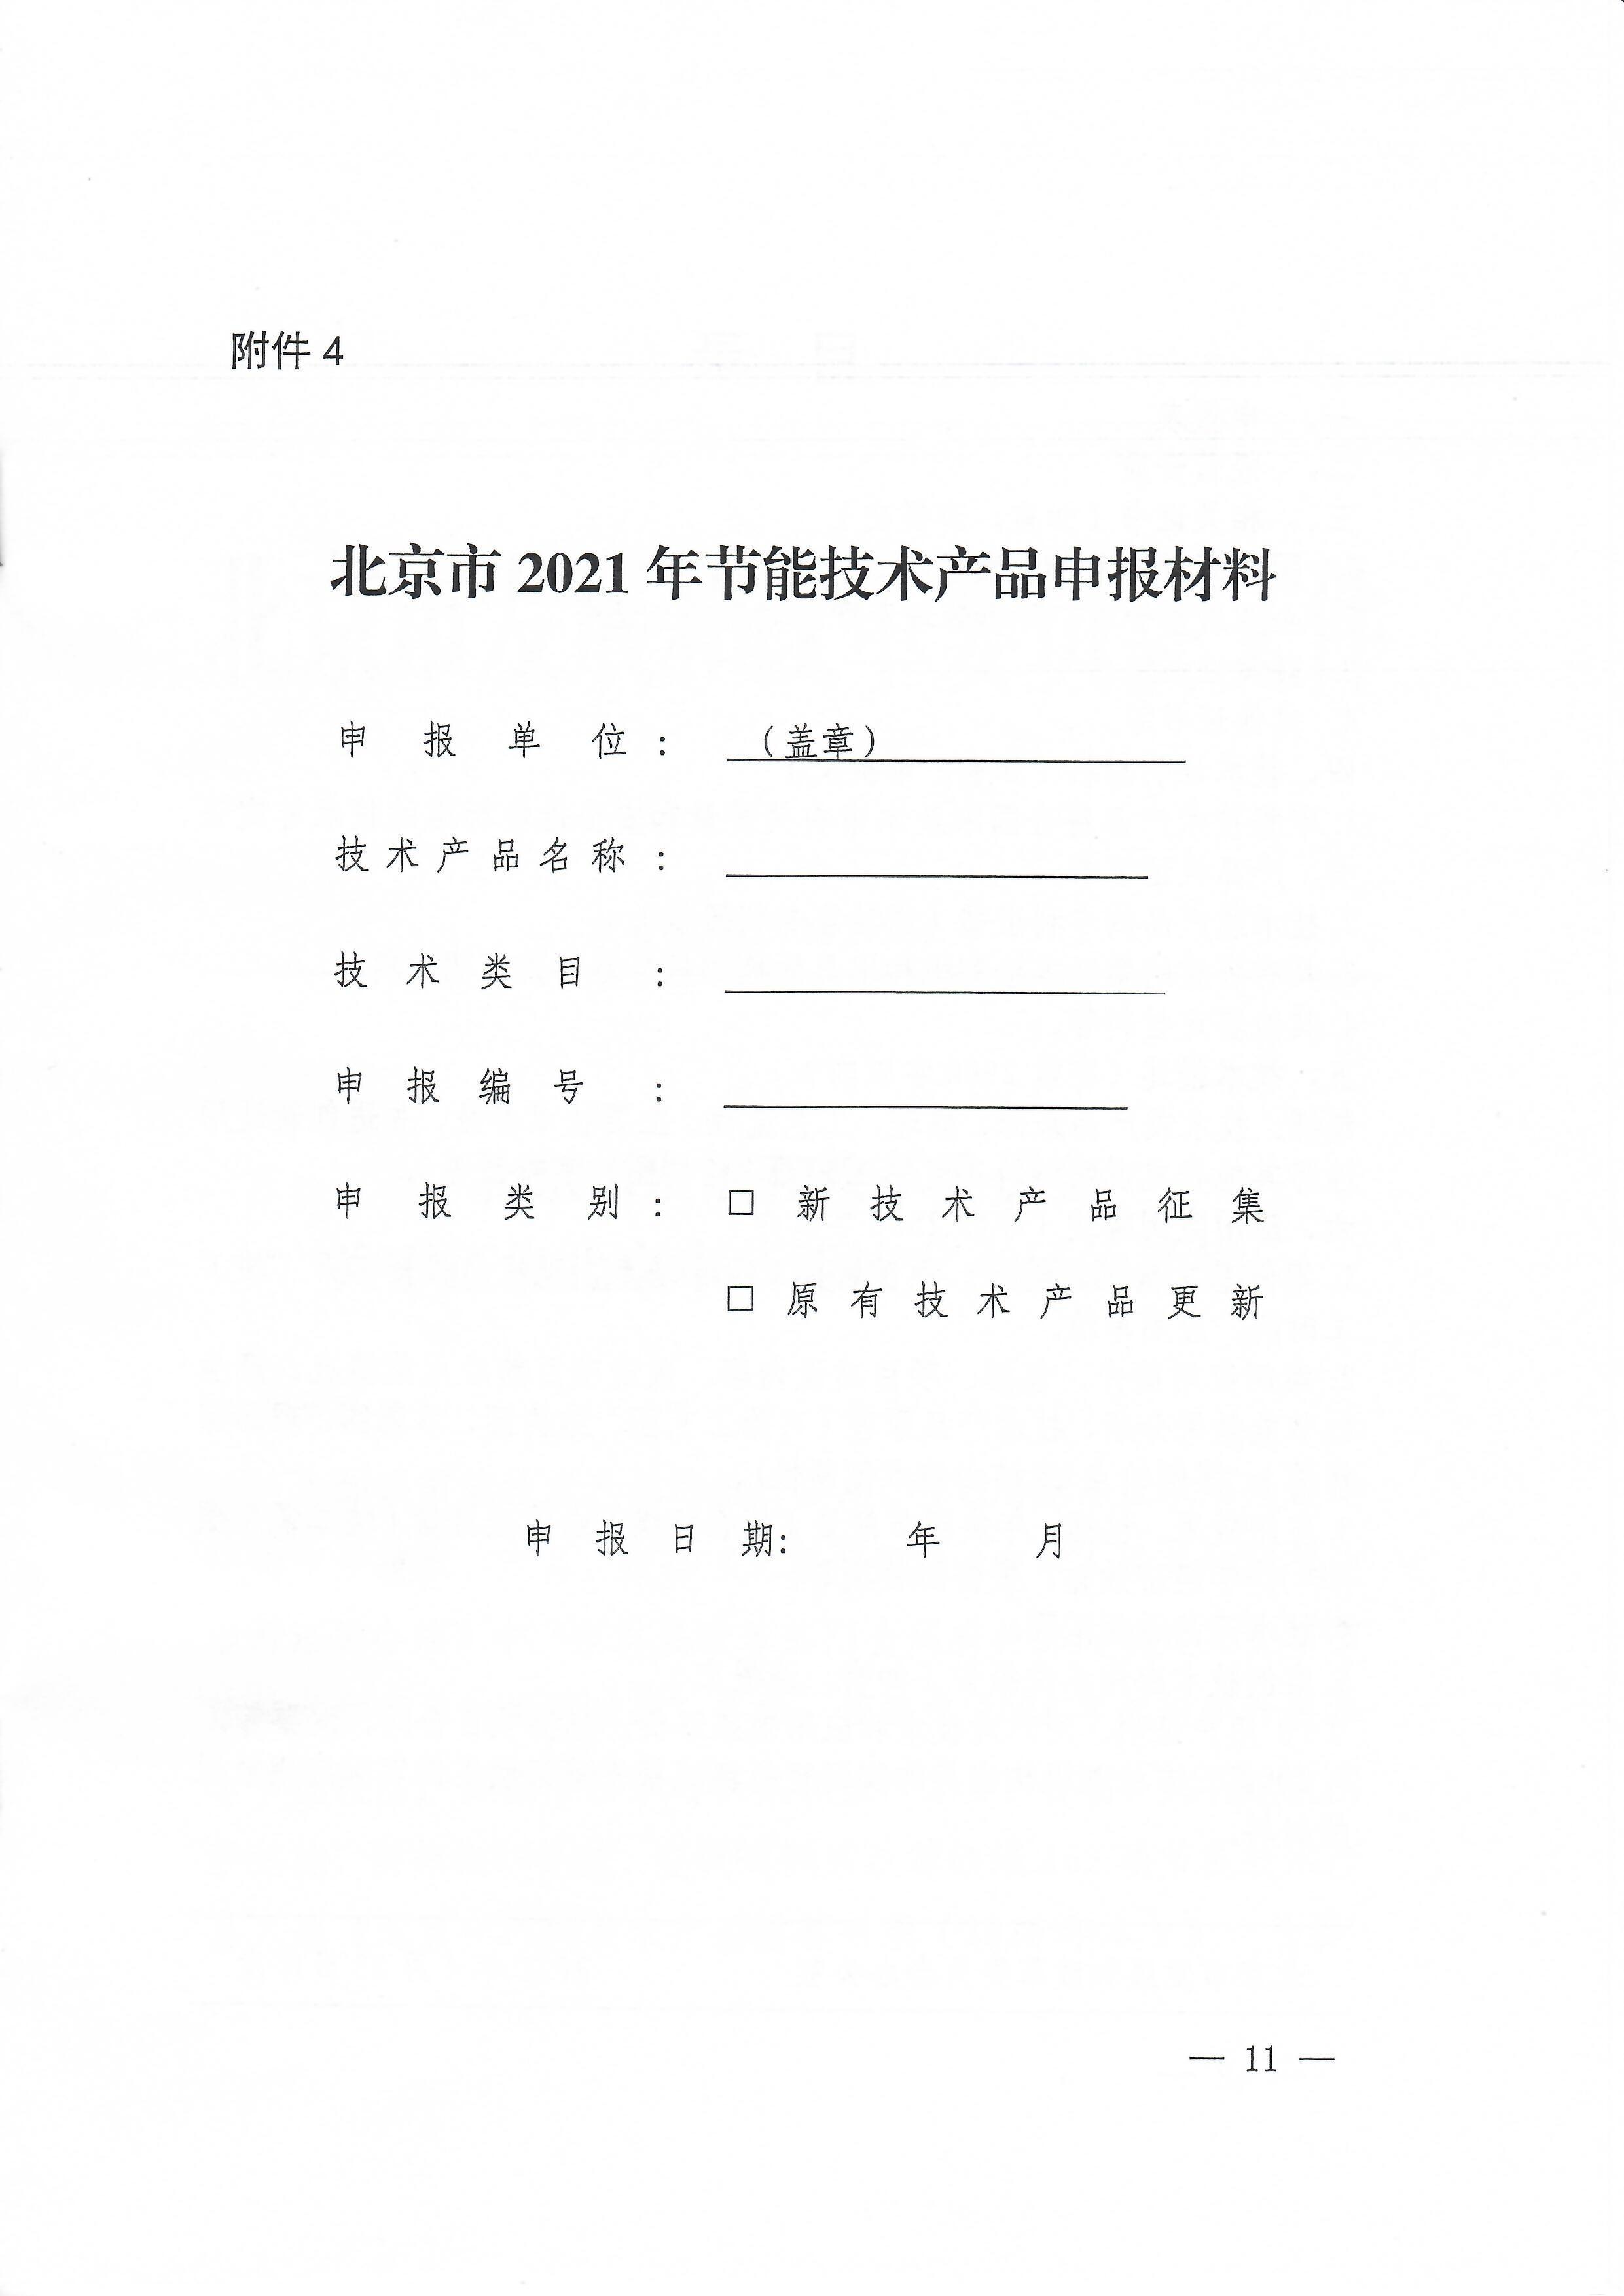 北京市节能技术产品征集通知_页面_11.jpg